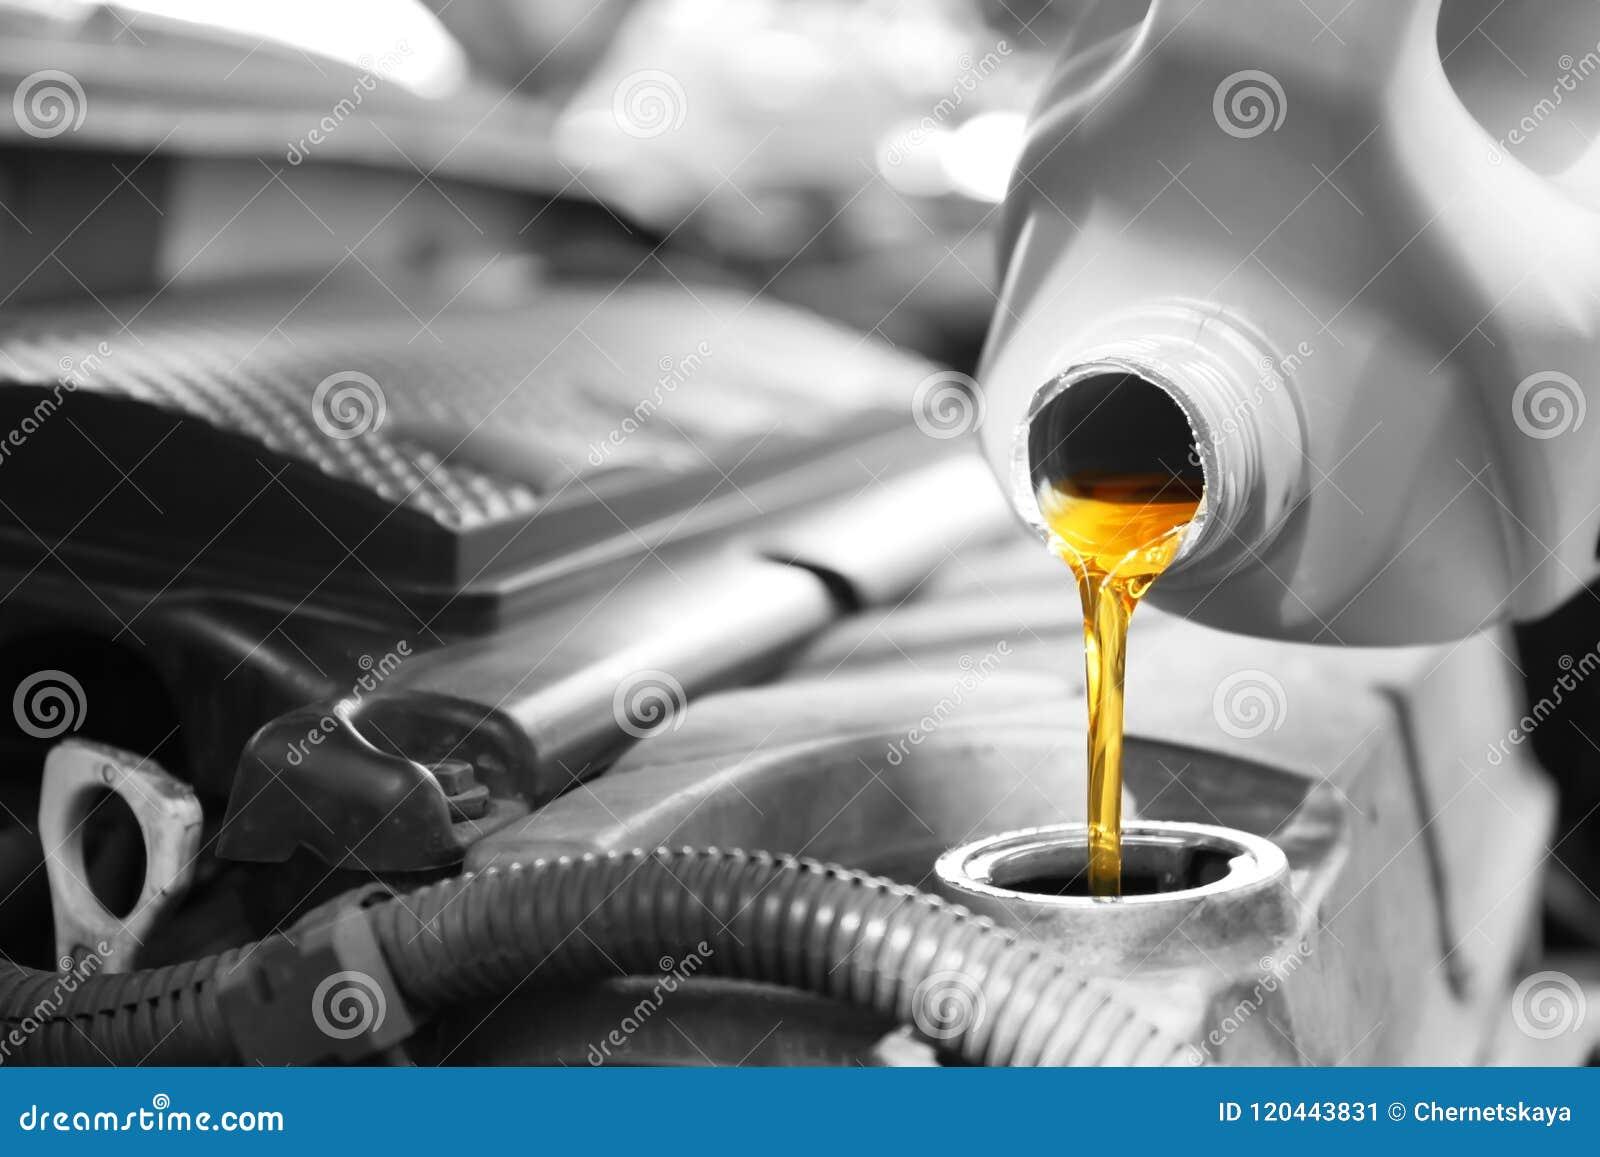 Лить масло в двигатель автомобиля